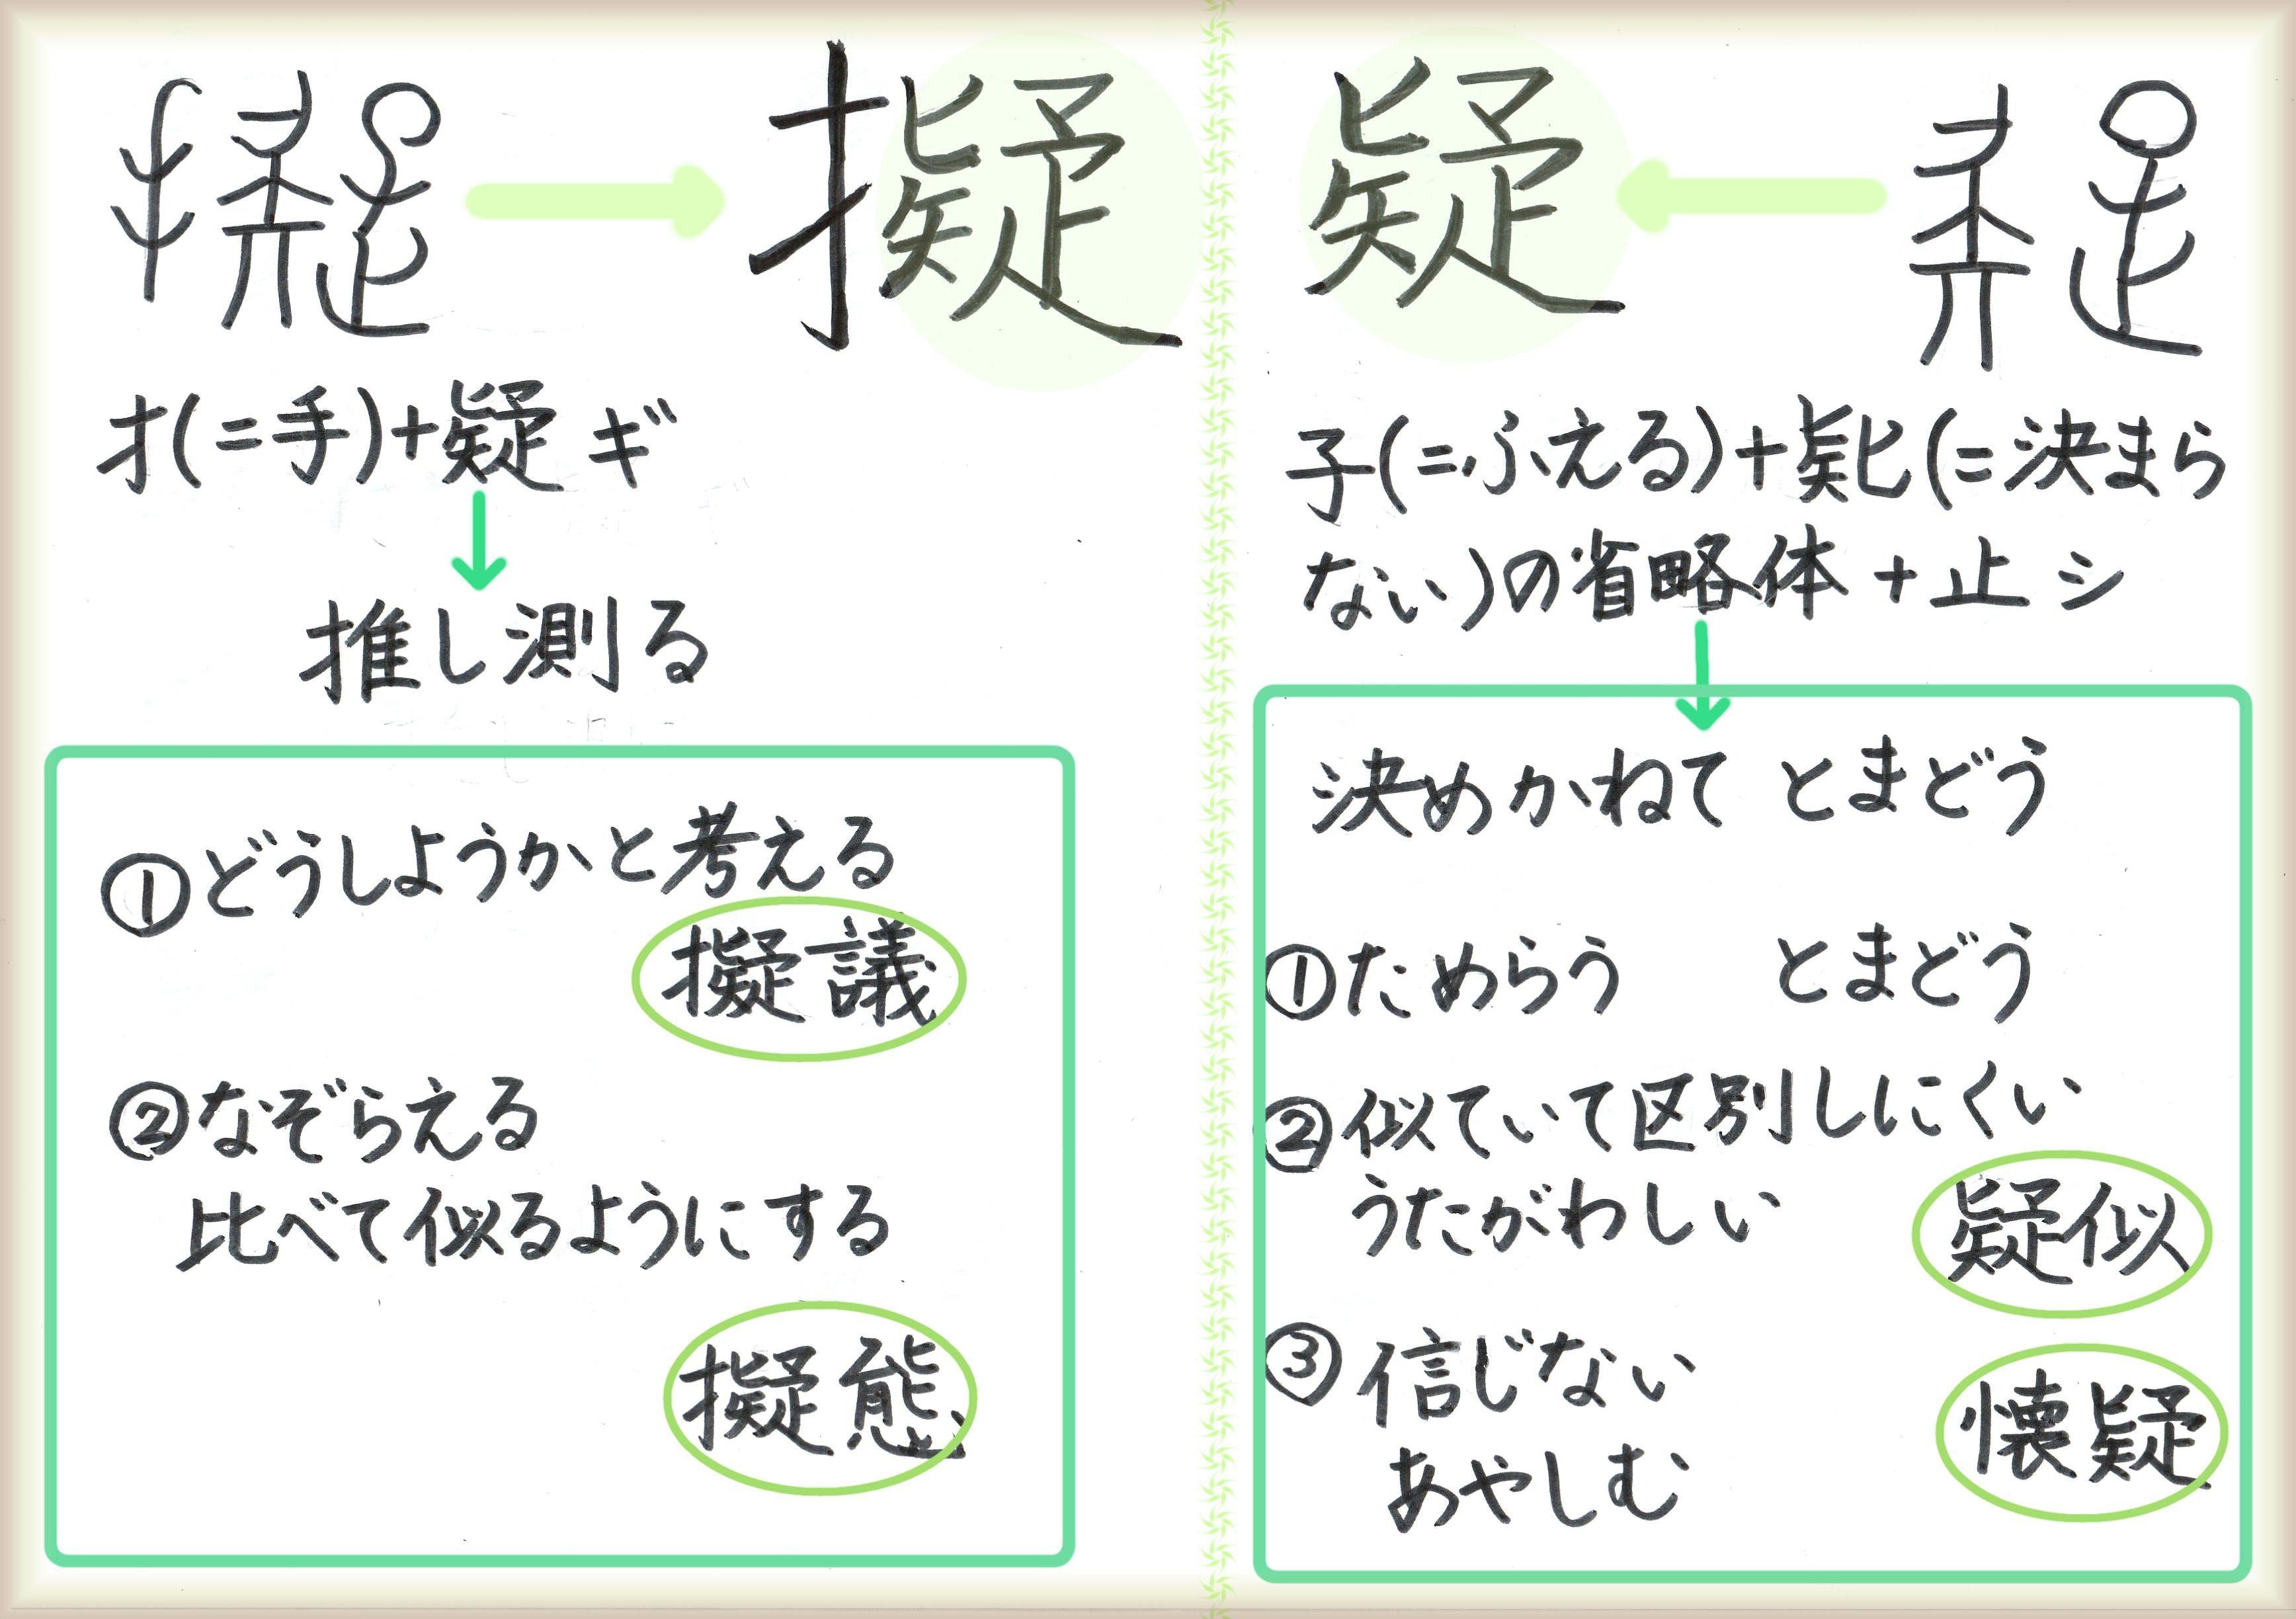 工藤直子の詩の心擬自然化 | 60ばーばの手習い帳 - 楽天ブログ